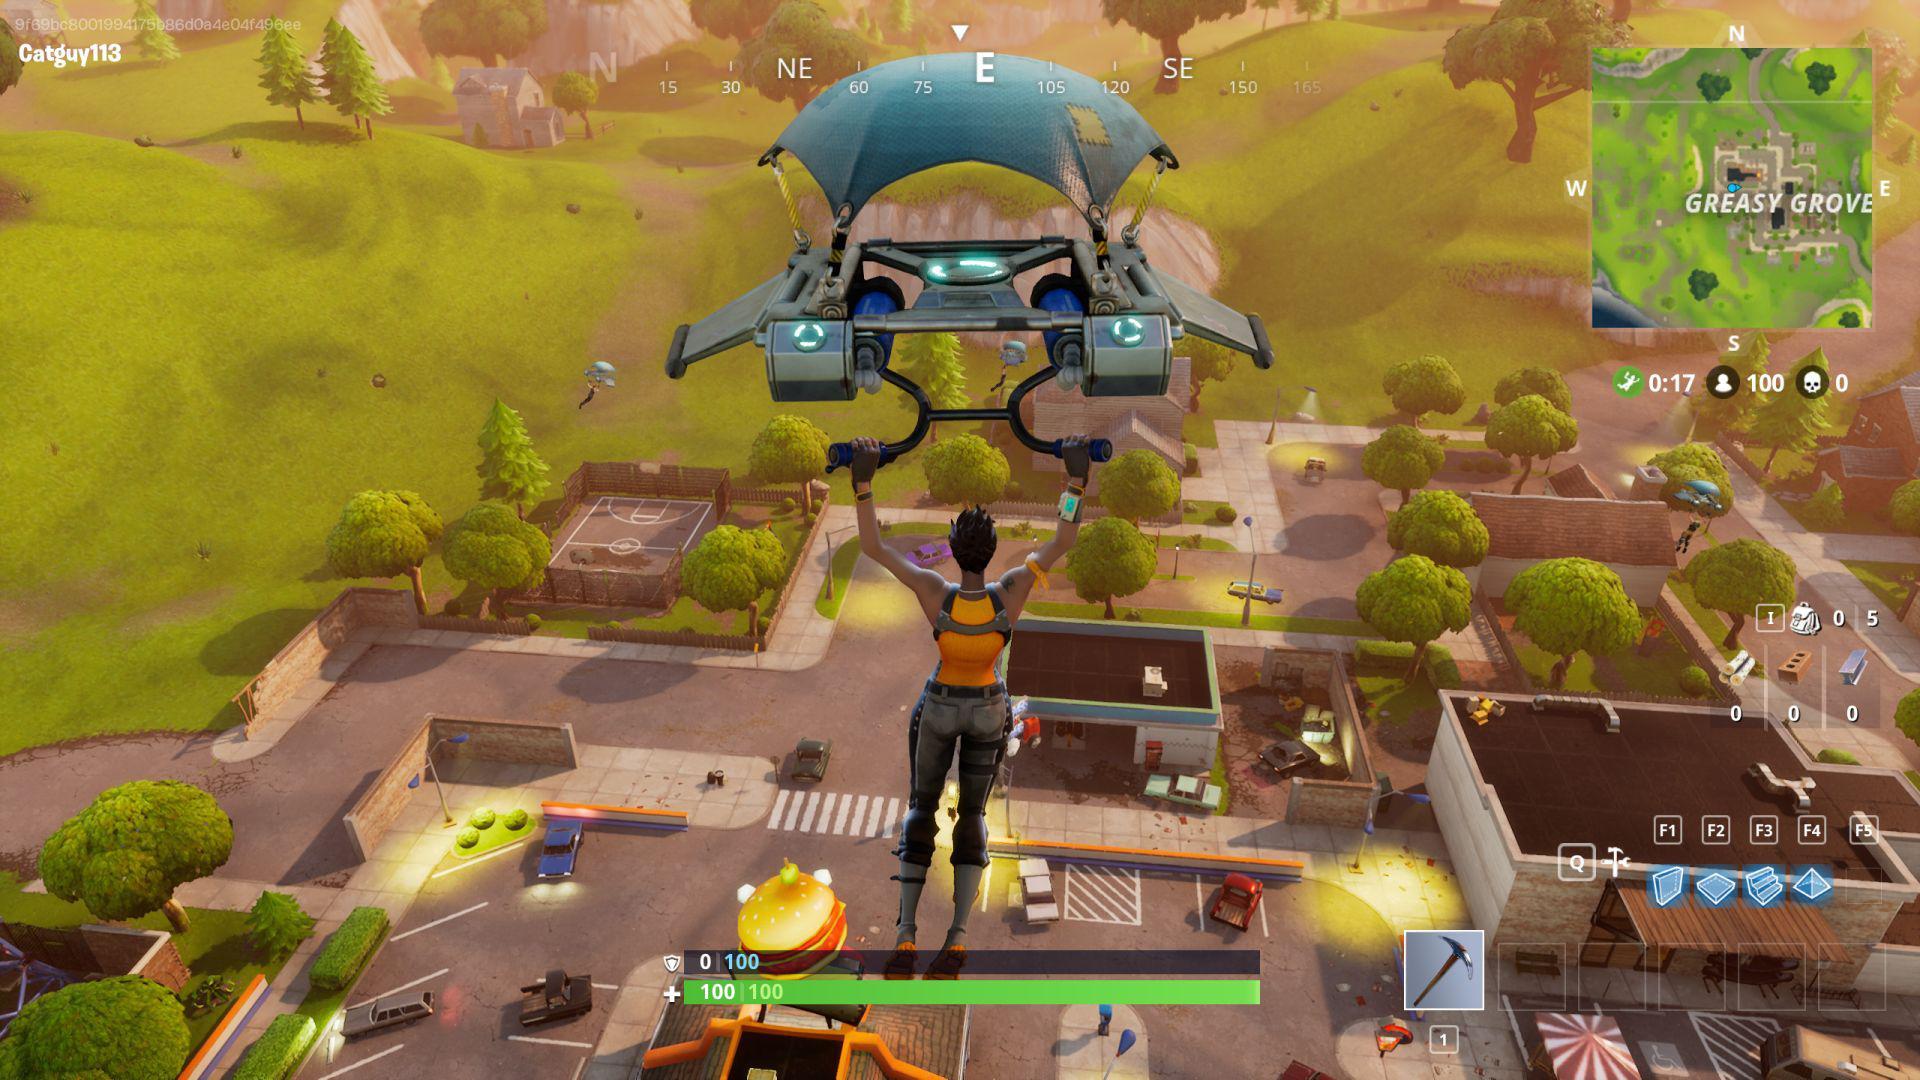 La diversión de Fortnite Battle Royale arribará a móviles